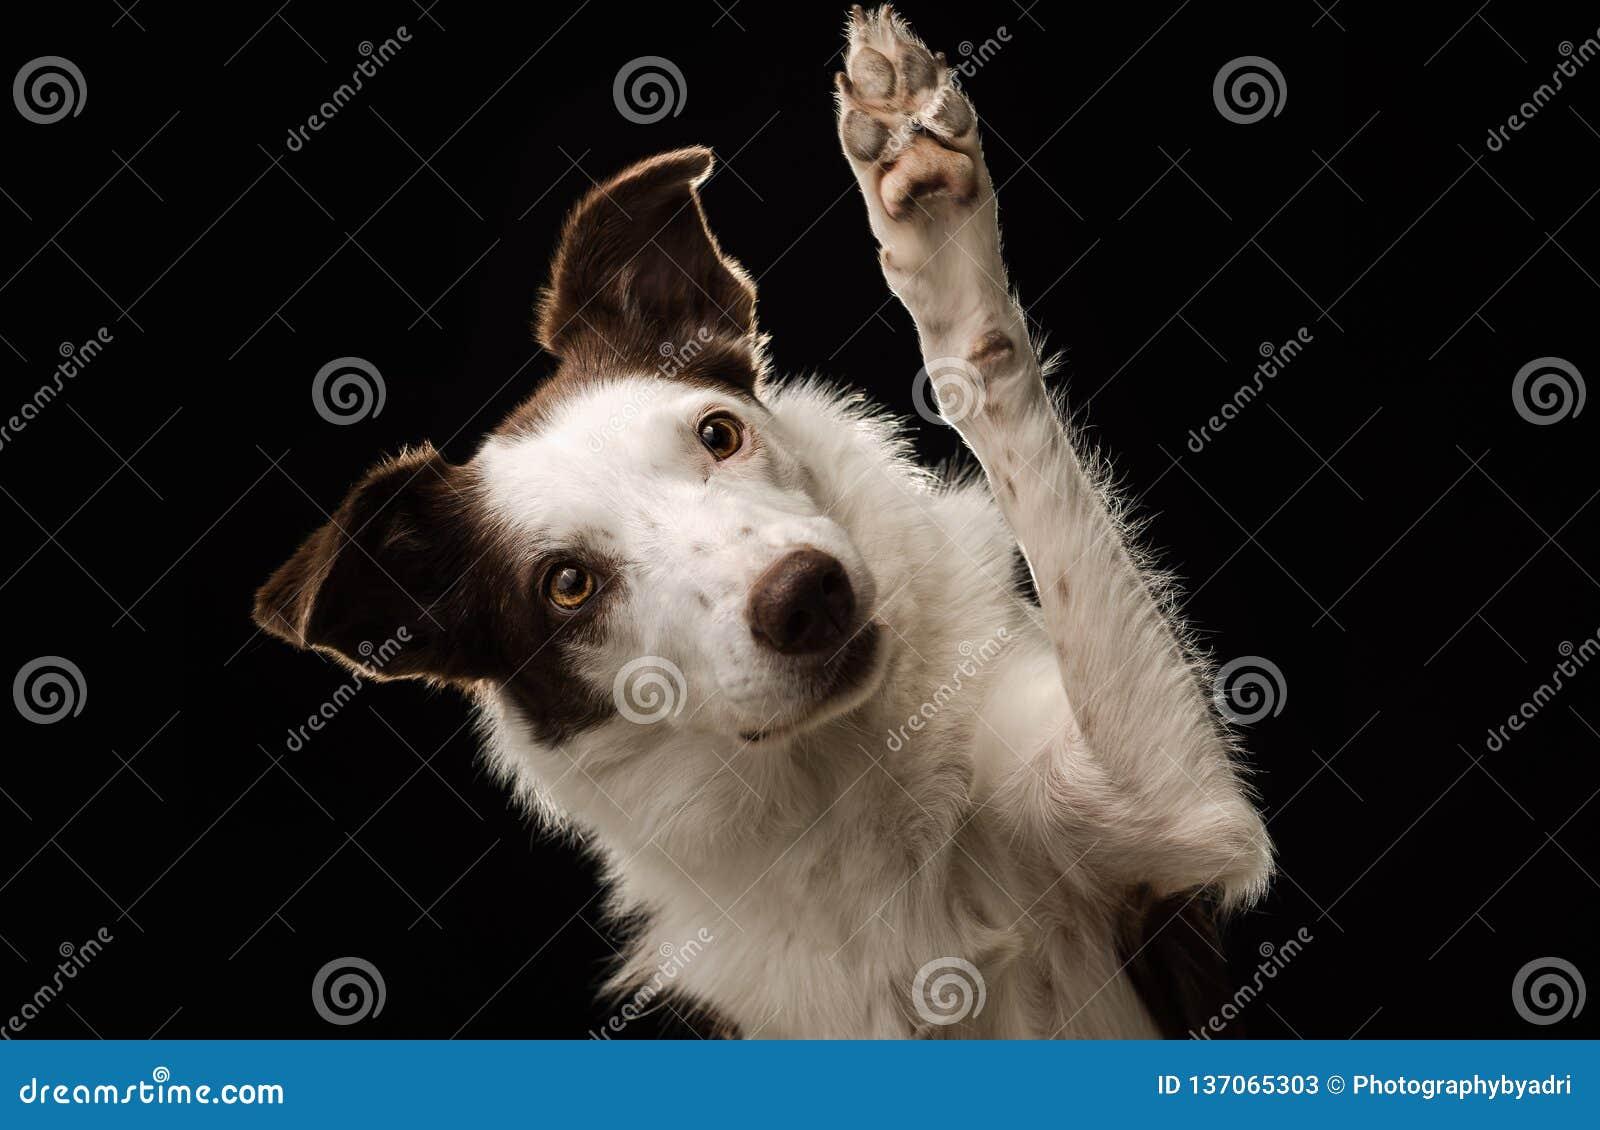 Śliczny brązu i bielu Border Collie pies macha przy kamerą z czarnym tłem i wysokie piszczałki